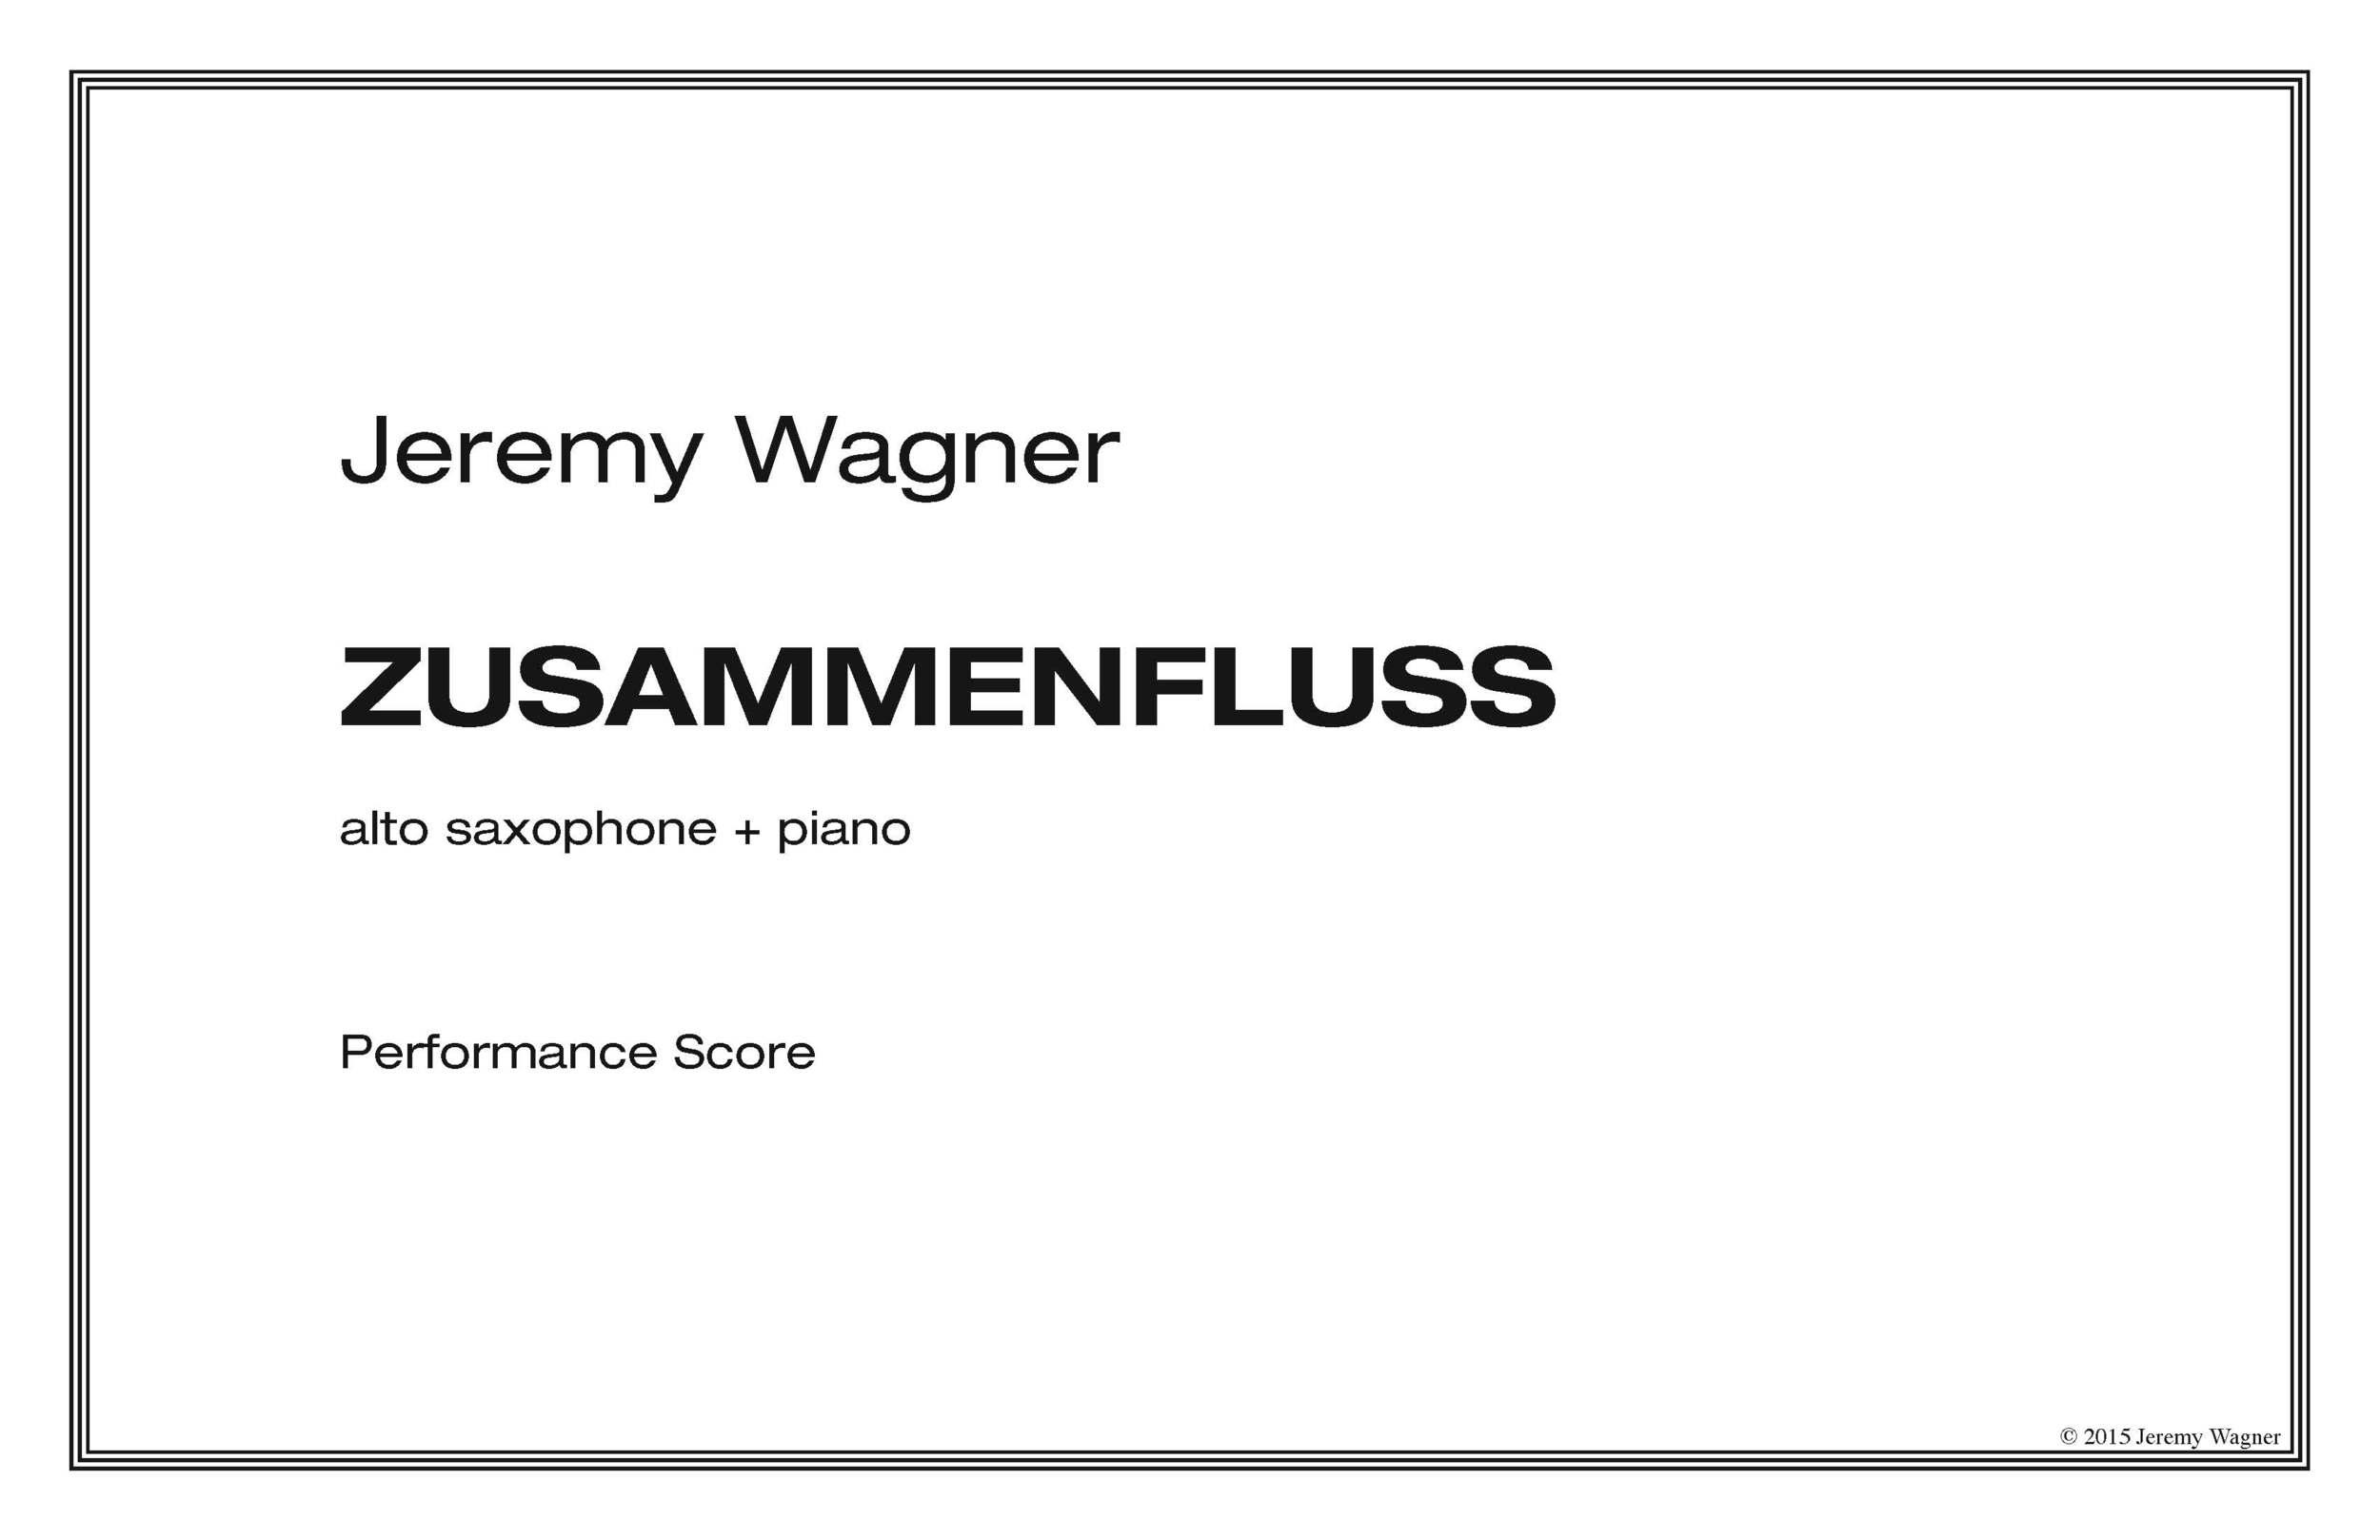 Zussamenfluss_PerformanceScore_Page_01.jpg